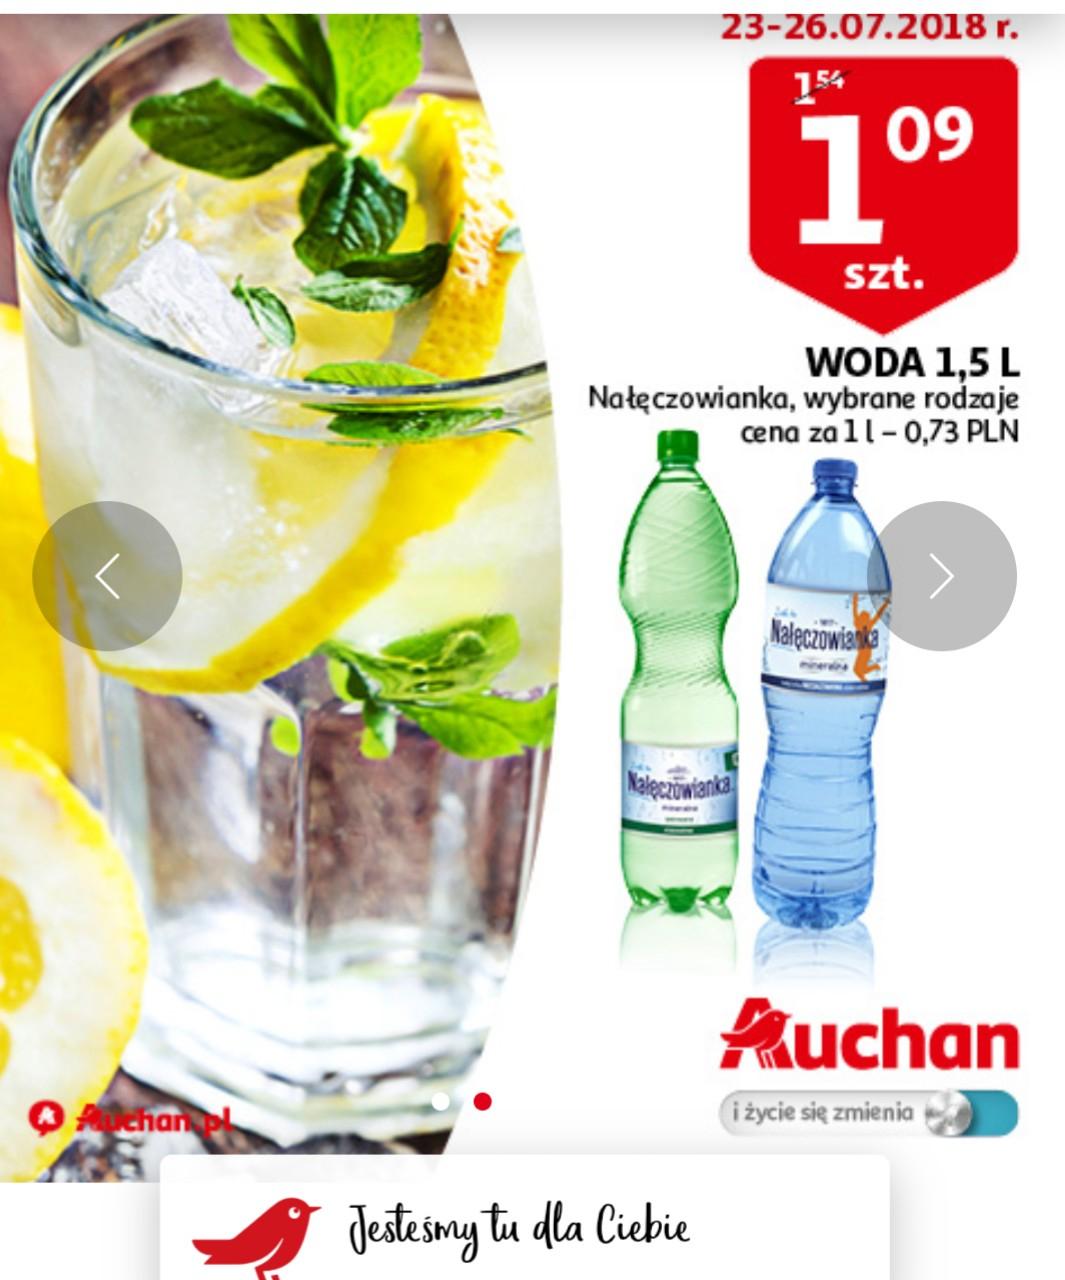 Tania Nałęczowianka 1,5l @ Auchan